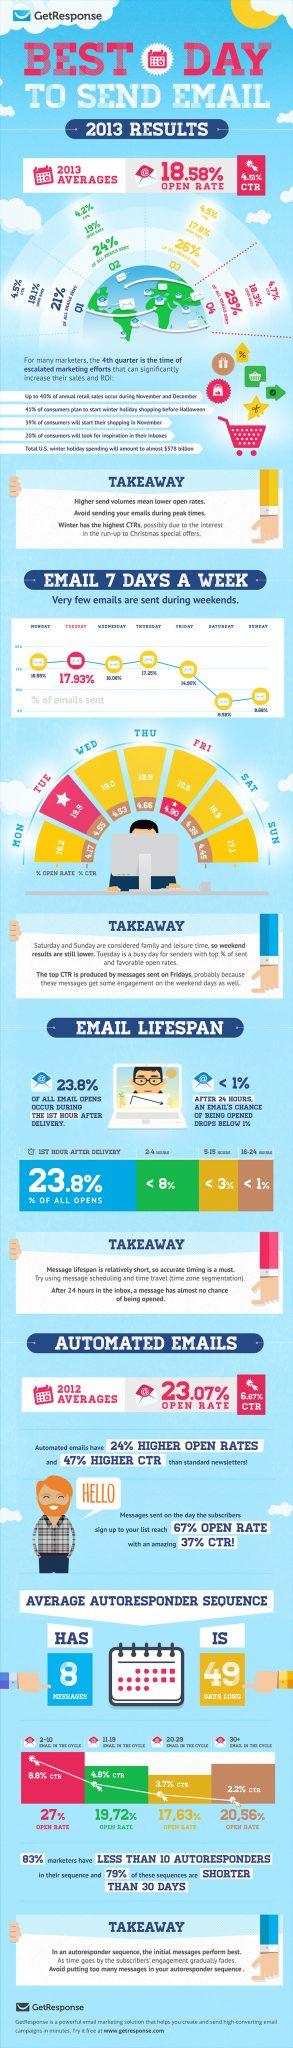 ifirma.pl program do księgowania - gr email day by day infografika 01 web 900px